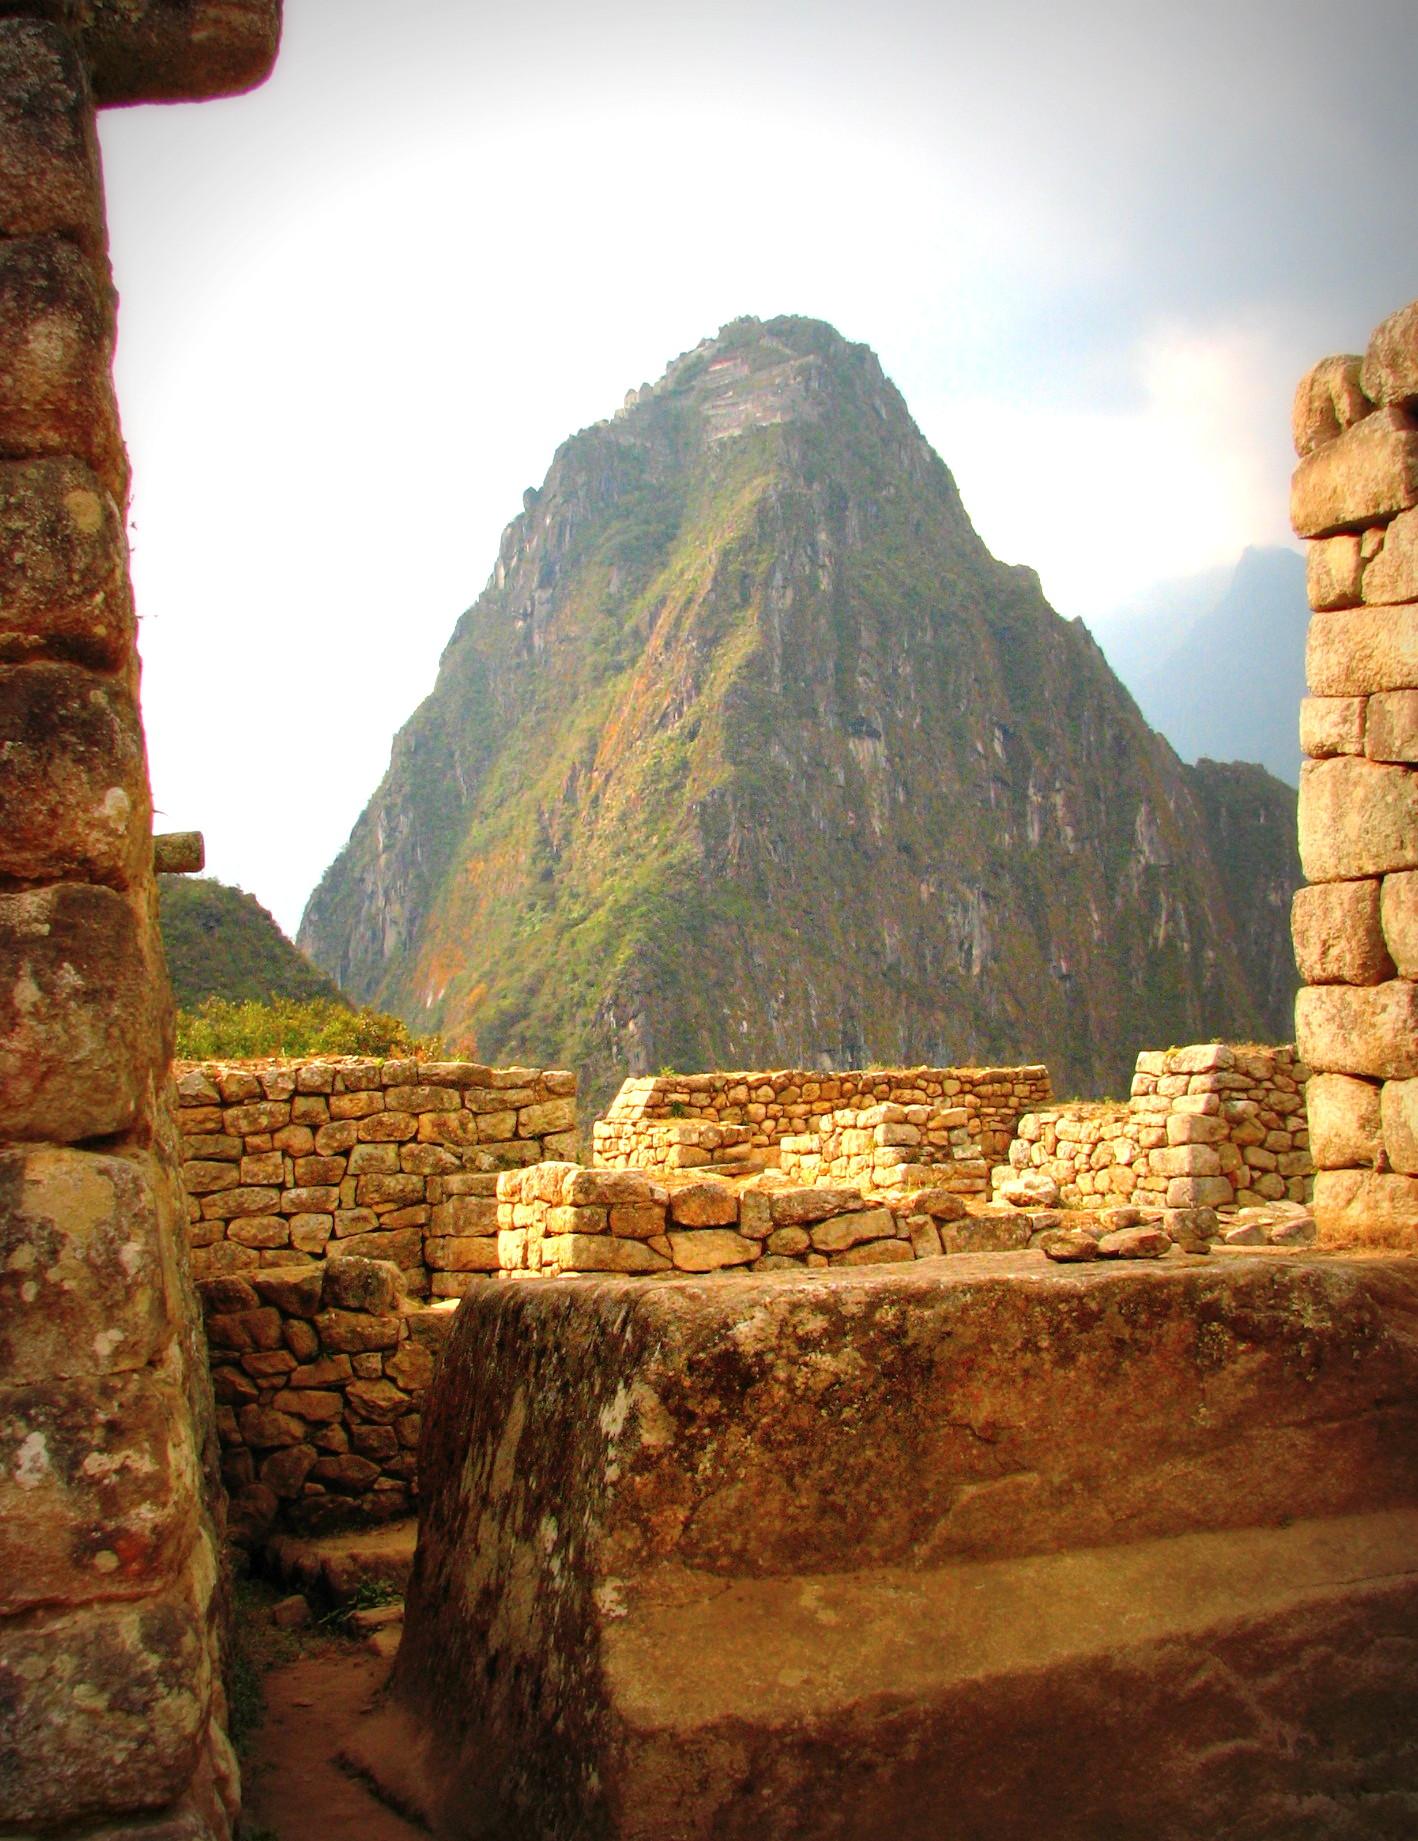 Door of a house overlooking the Peak of Wayna Picchu